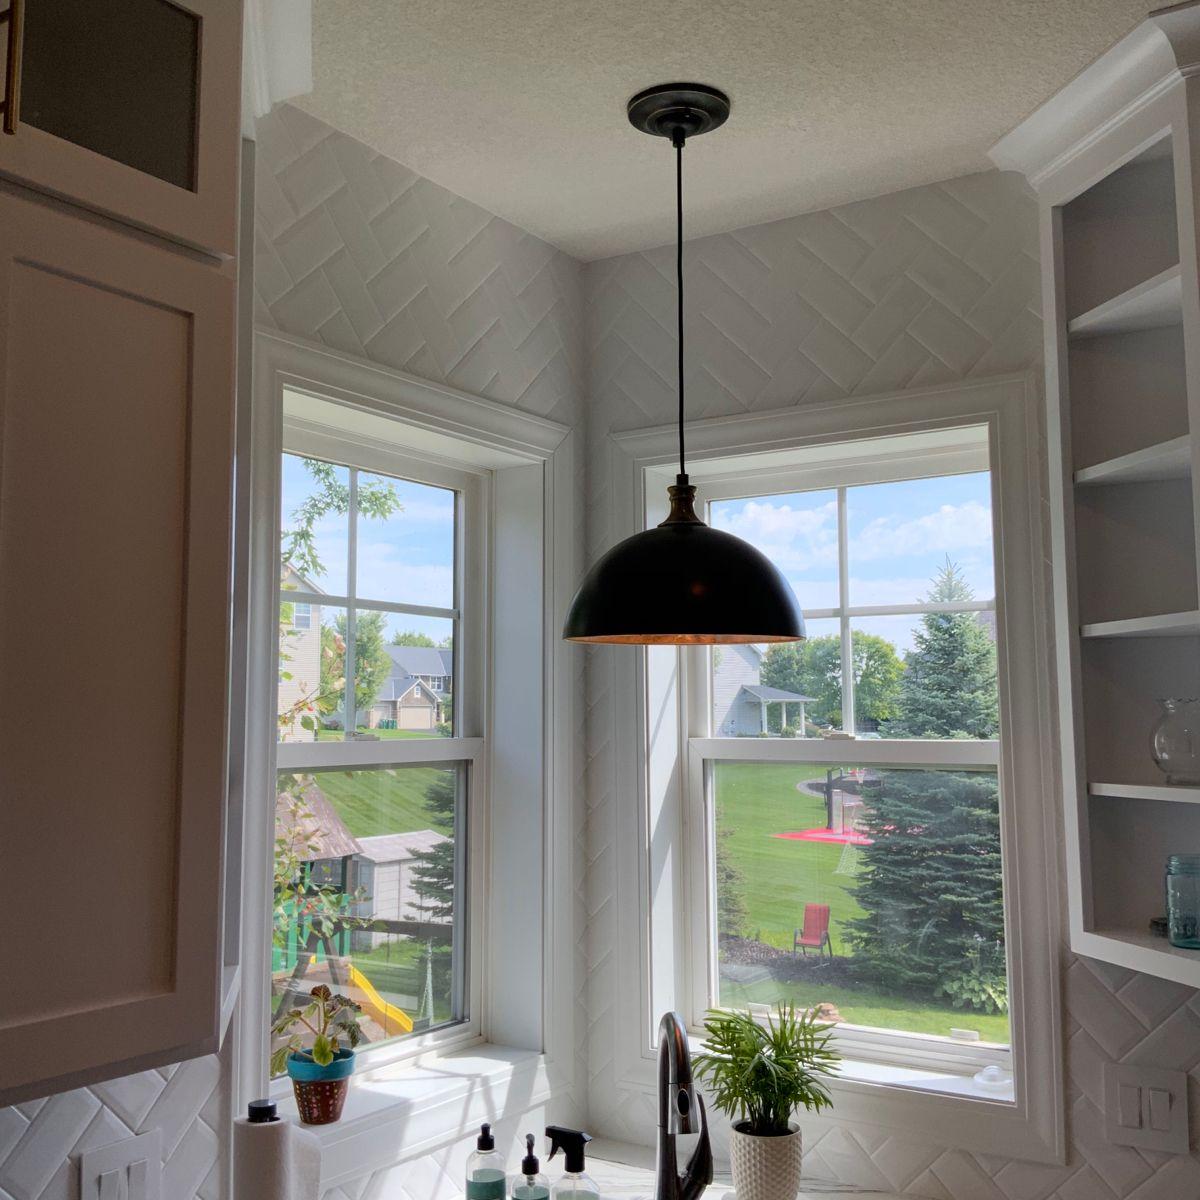 Backsplash Around Kitchen Window Backsplash Home Decor Kitchen Window